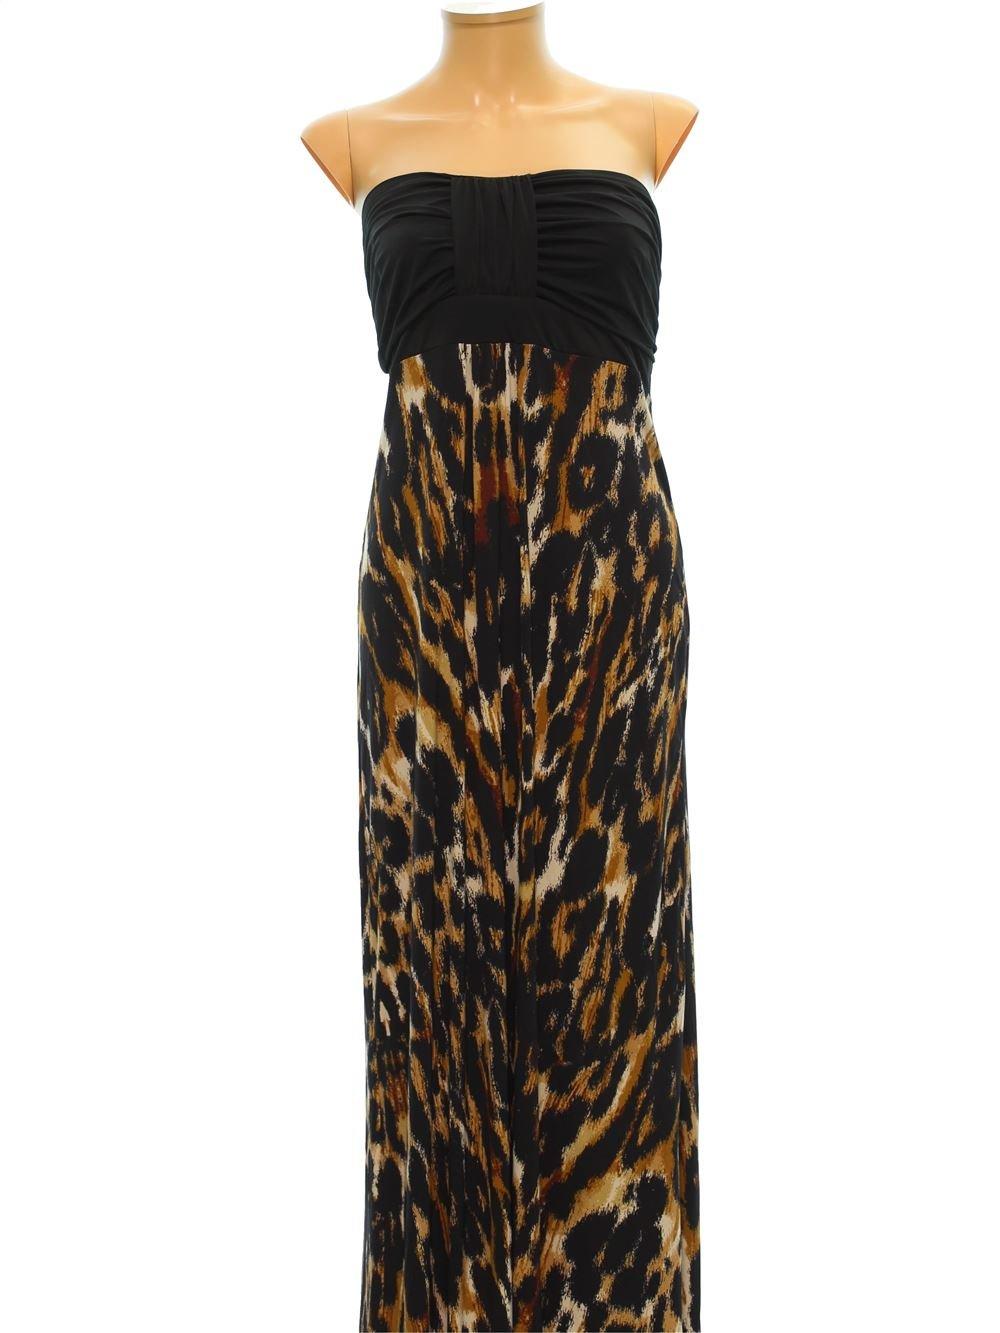 d3788a805e8 Robe de soiree NEW LOOK du 44 (L - T3) pour Femme - 1501426